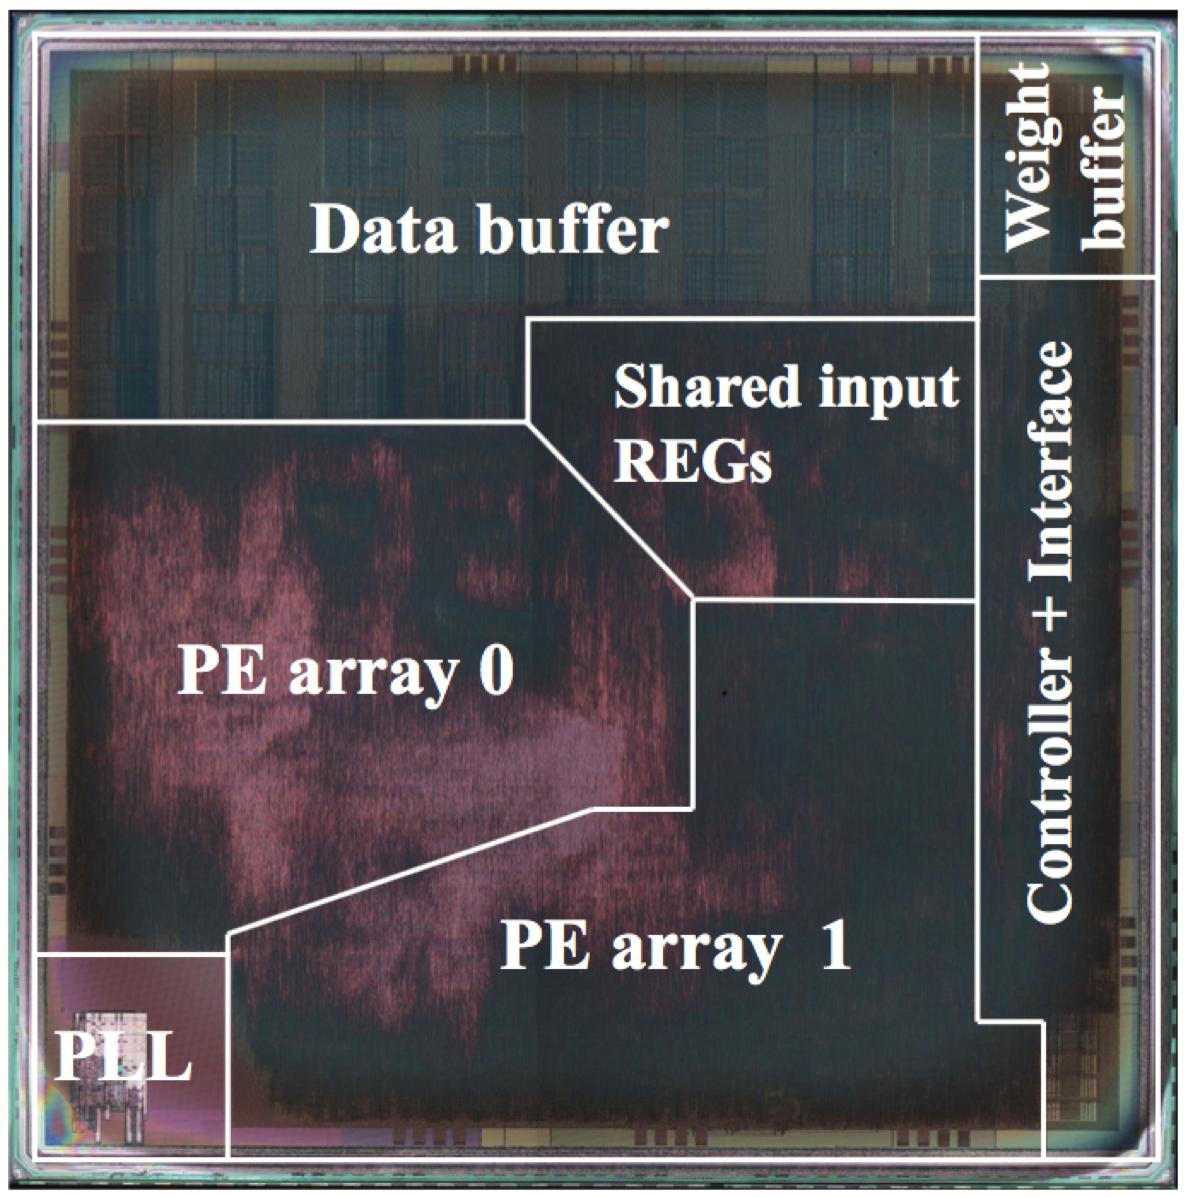 Un esquema muestra diferentes elementos de un chip llamado Thinker, desarrollado en la Universidad Tsinghua en Beijing.